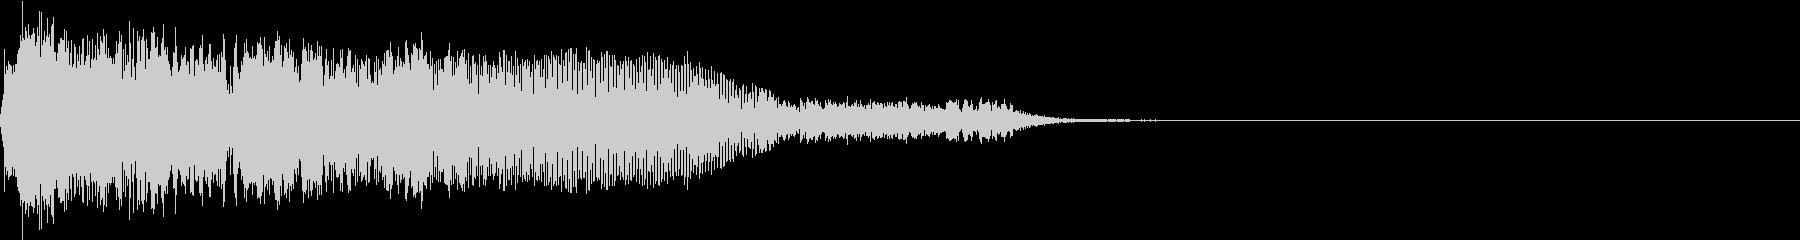 衝撃 ギター インパクト ノイズ 11の未再生の波形